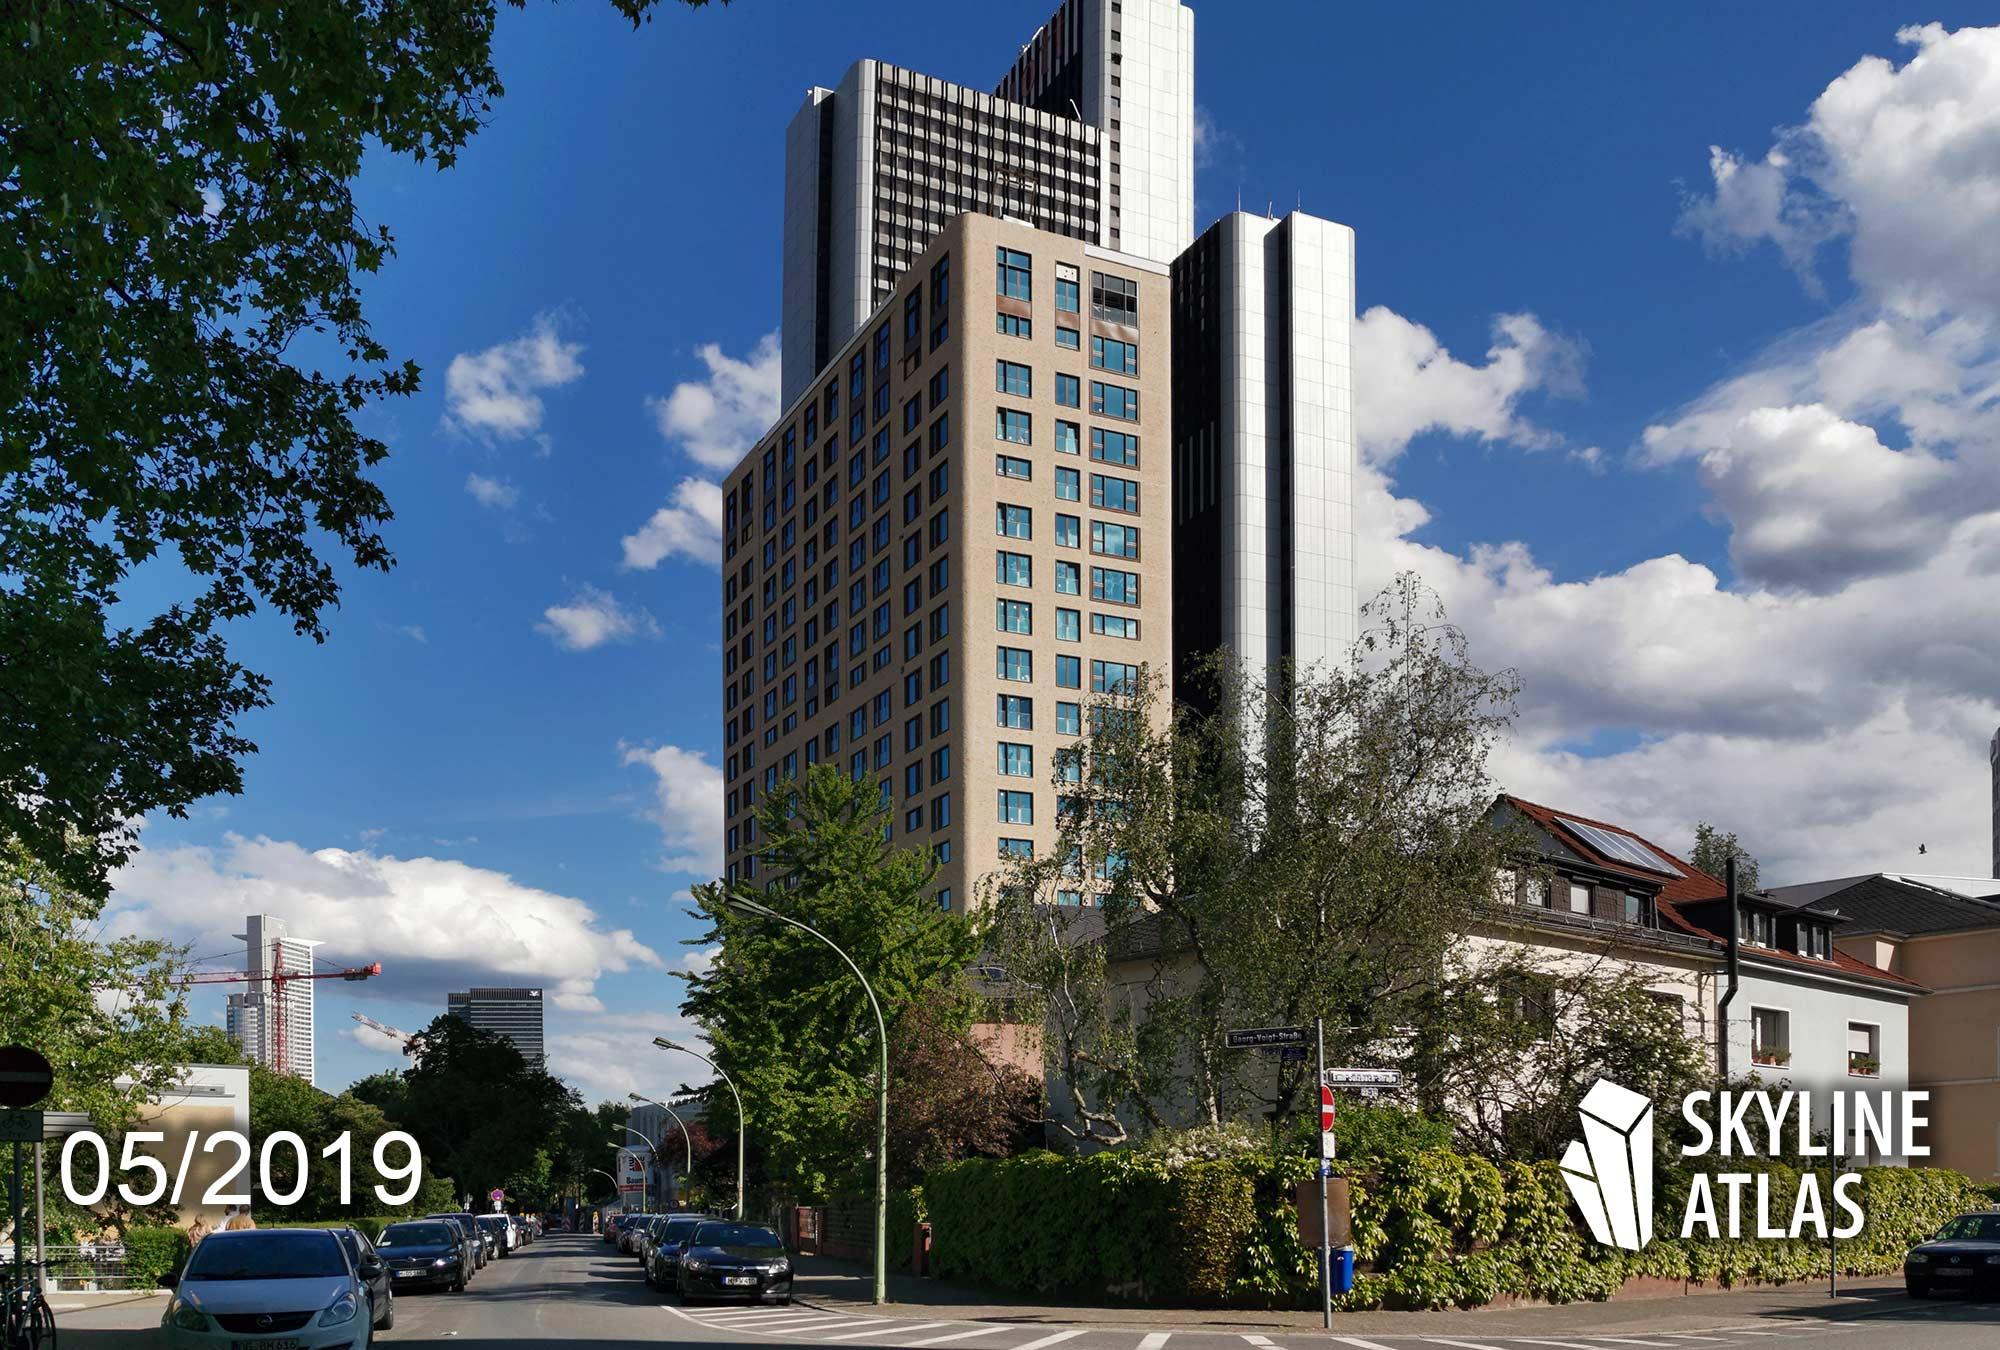 Blue Horizon Frankfurt - Wohnturm - Eigentumswohnungen - Wohnungen - Mai 2019